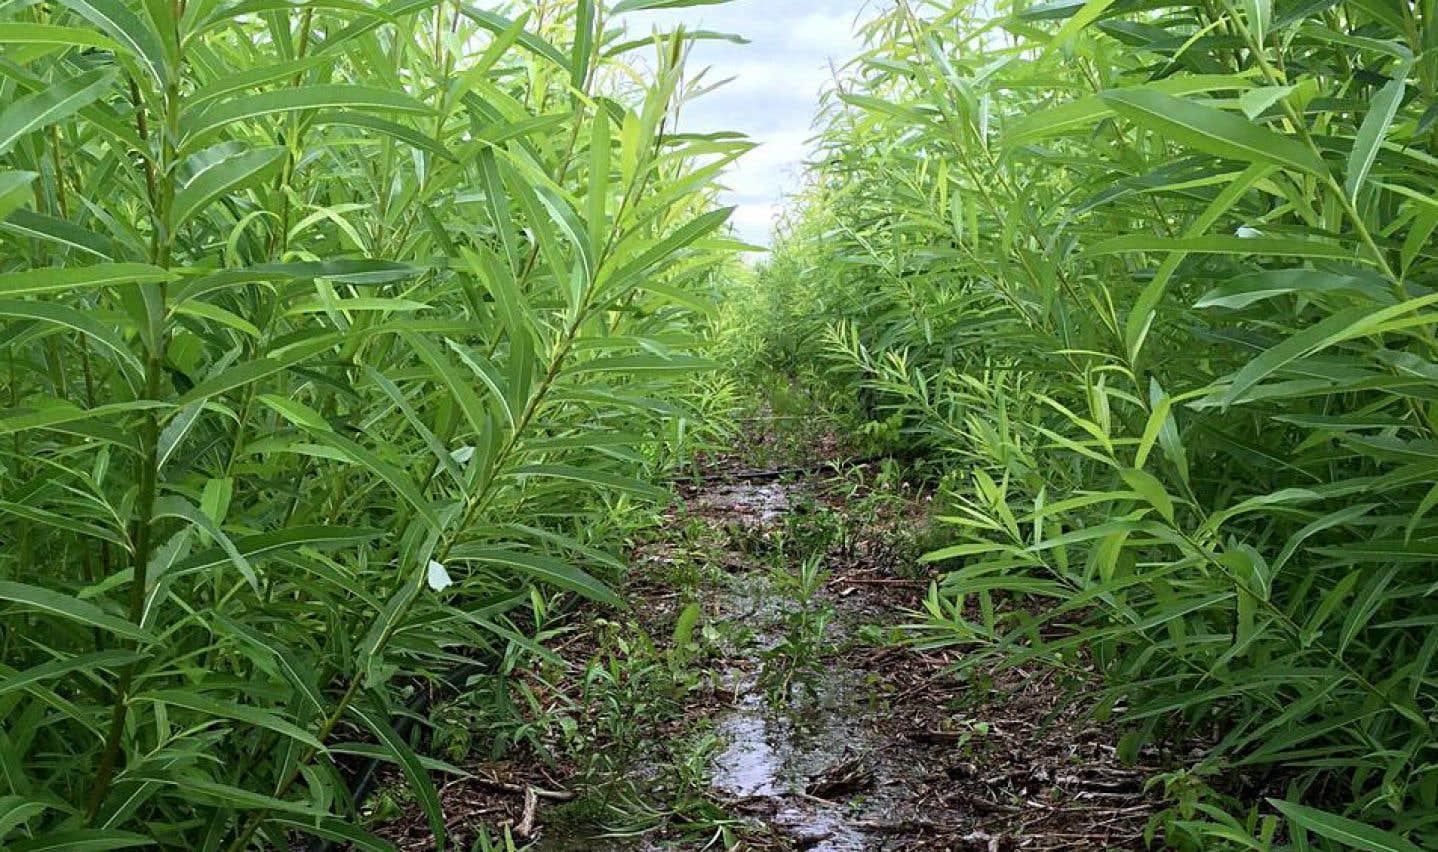 Une parcelle en cours d'irrigation par des saules, plus particulièrement le «Salix miyabeana SX67», une variété à croissance rapide qui est bien adaptée aux conditions nord-américaines.